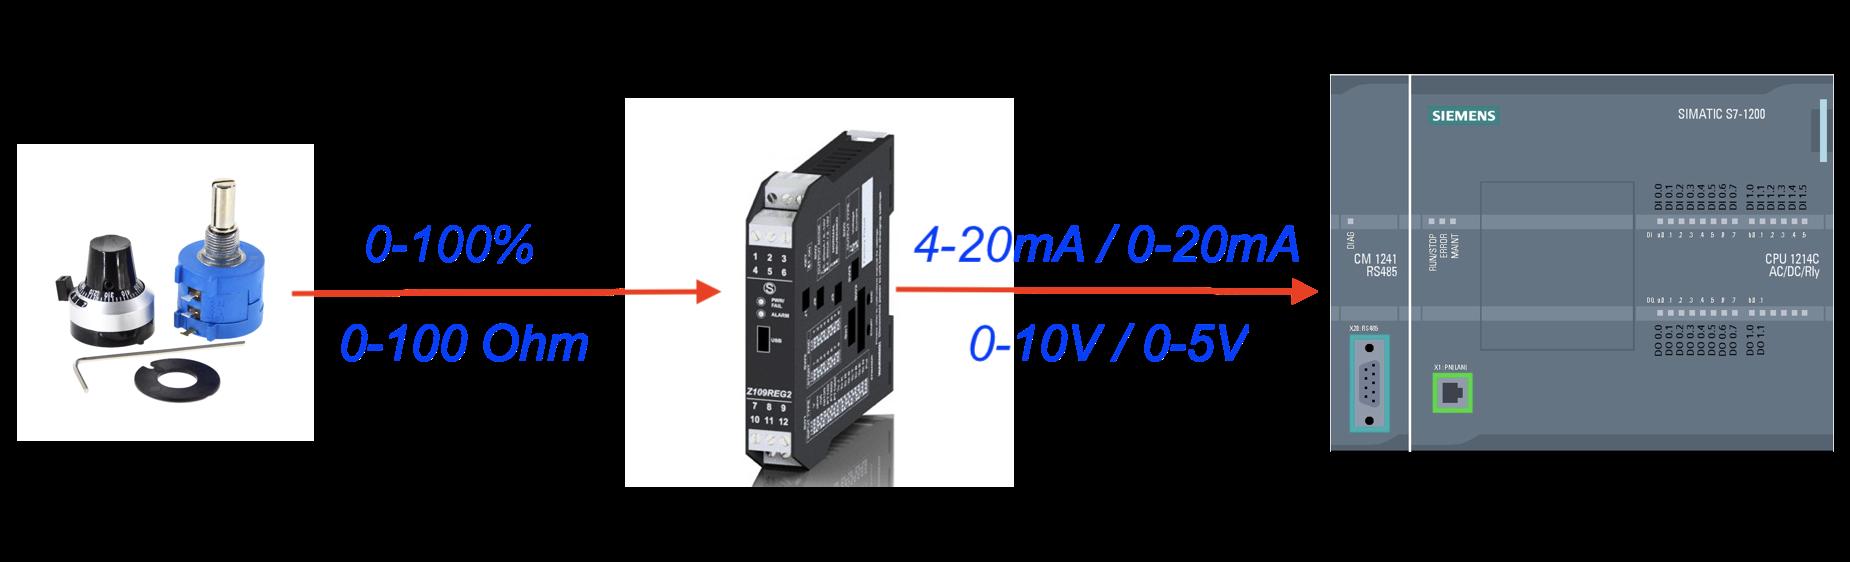 bộ chuyển đổi điện trở Z109REG2-1 sang Analog 4-20mA 0-10V